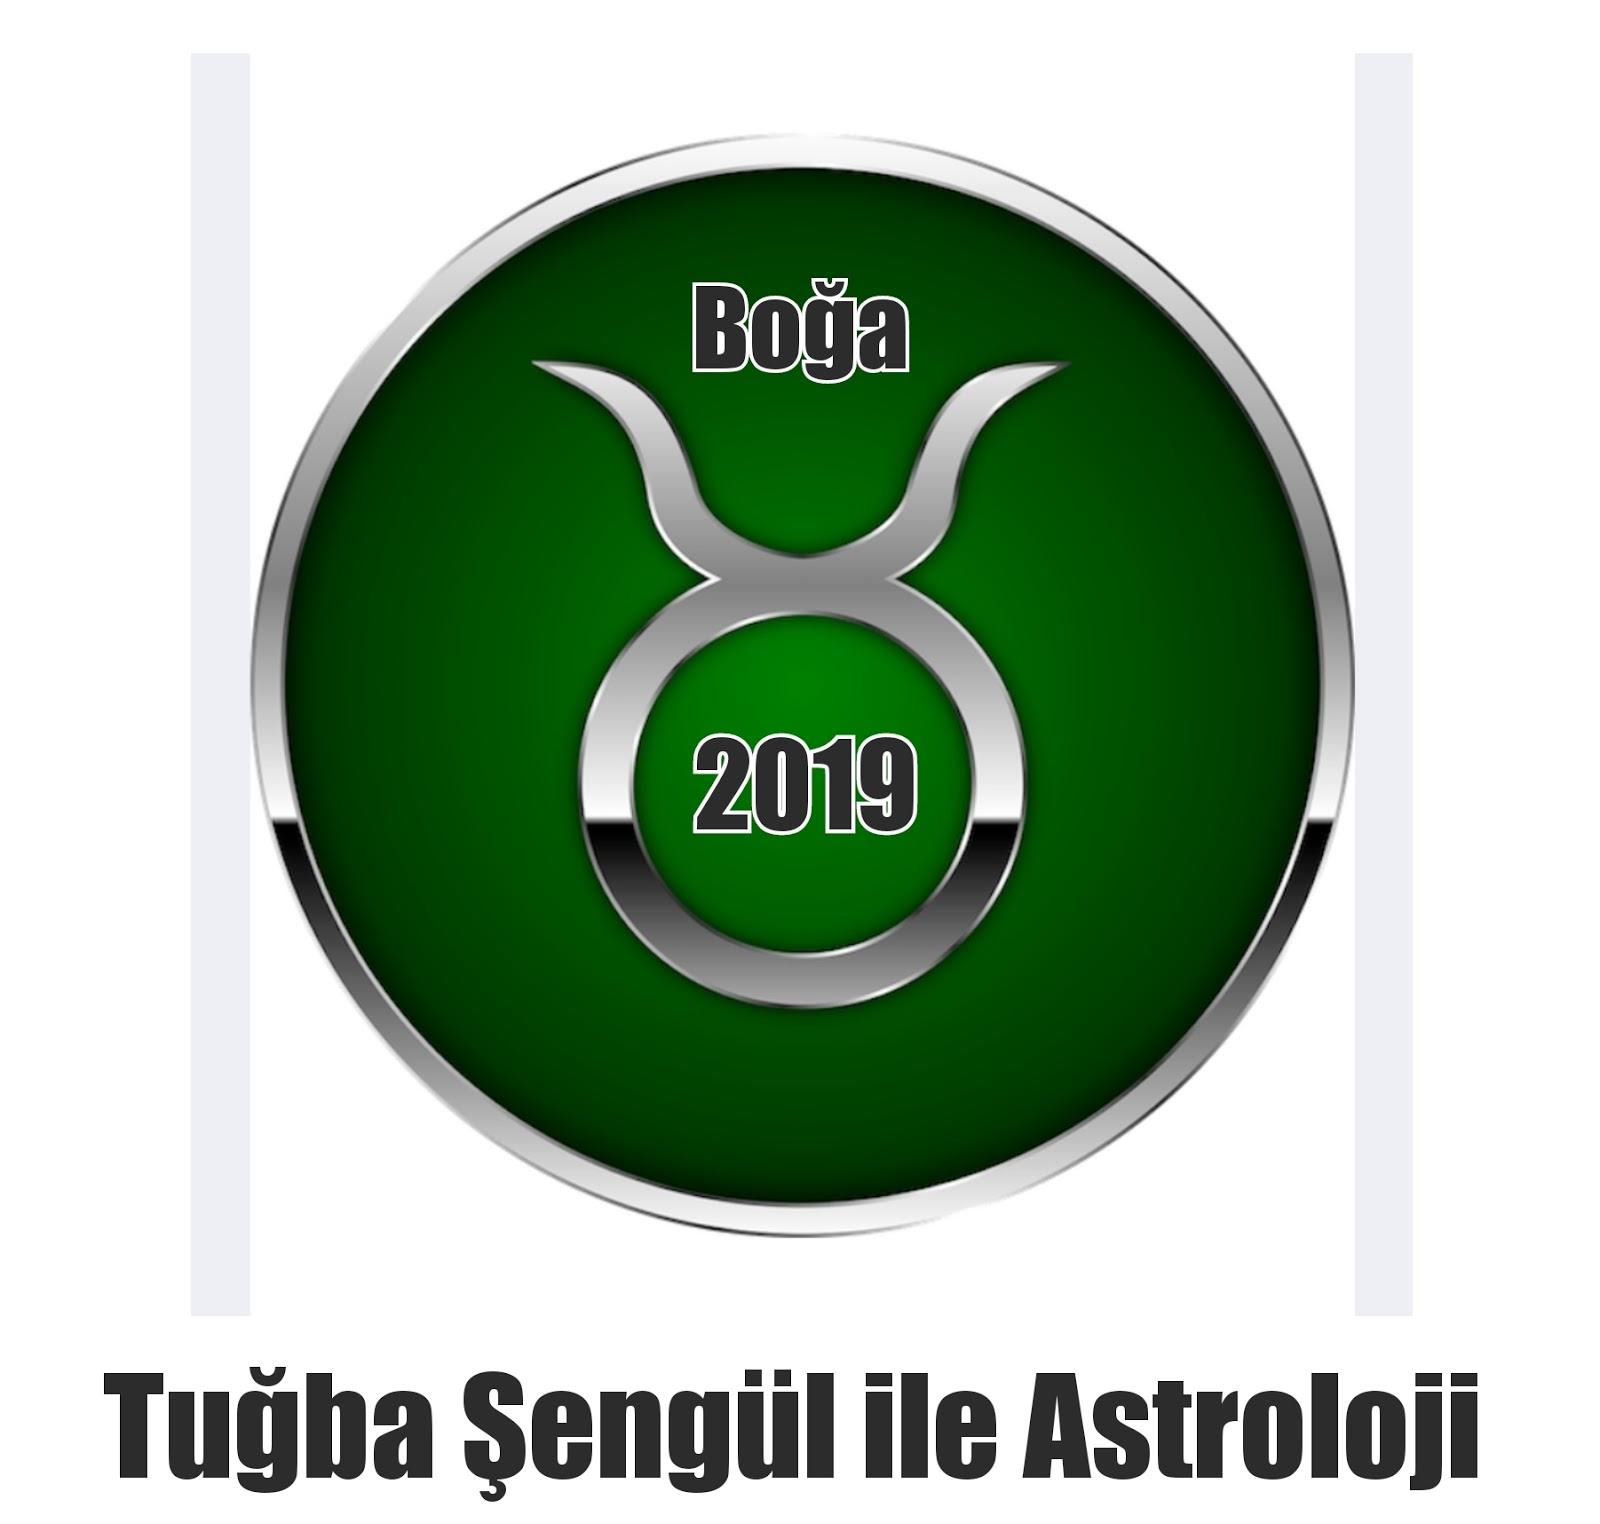 Boğa Burcu 2019 Yıllık Burç Yorumu Tuğba şengül Ile Astroloji